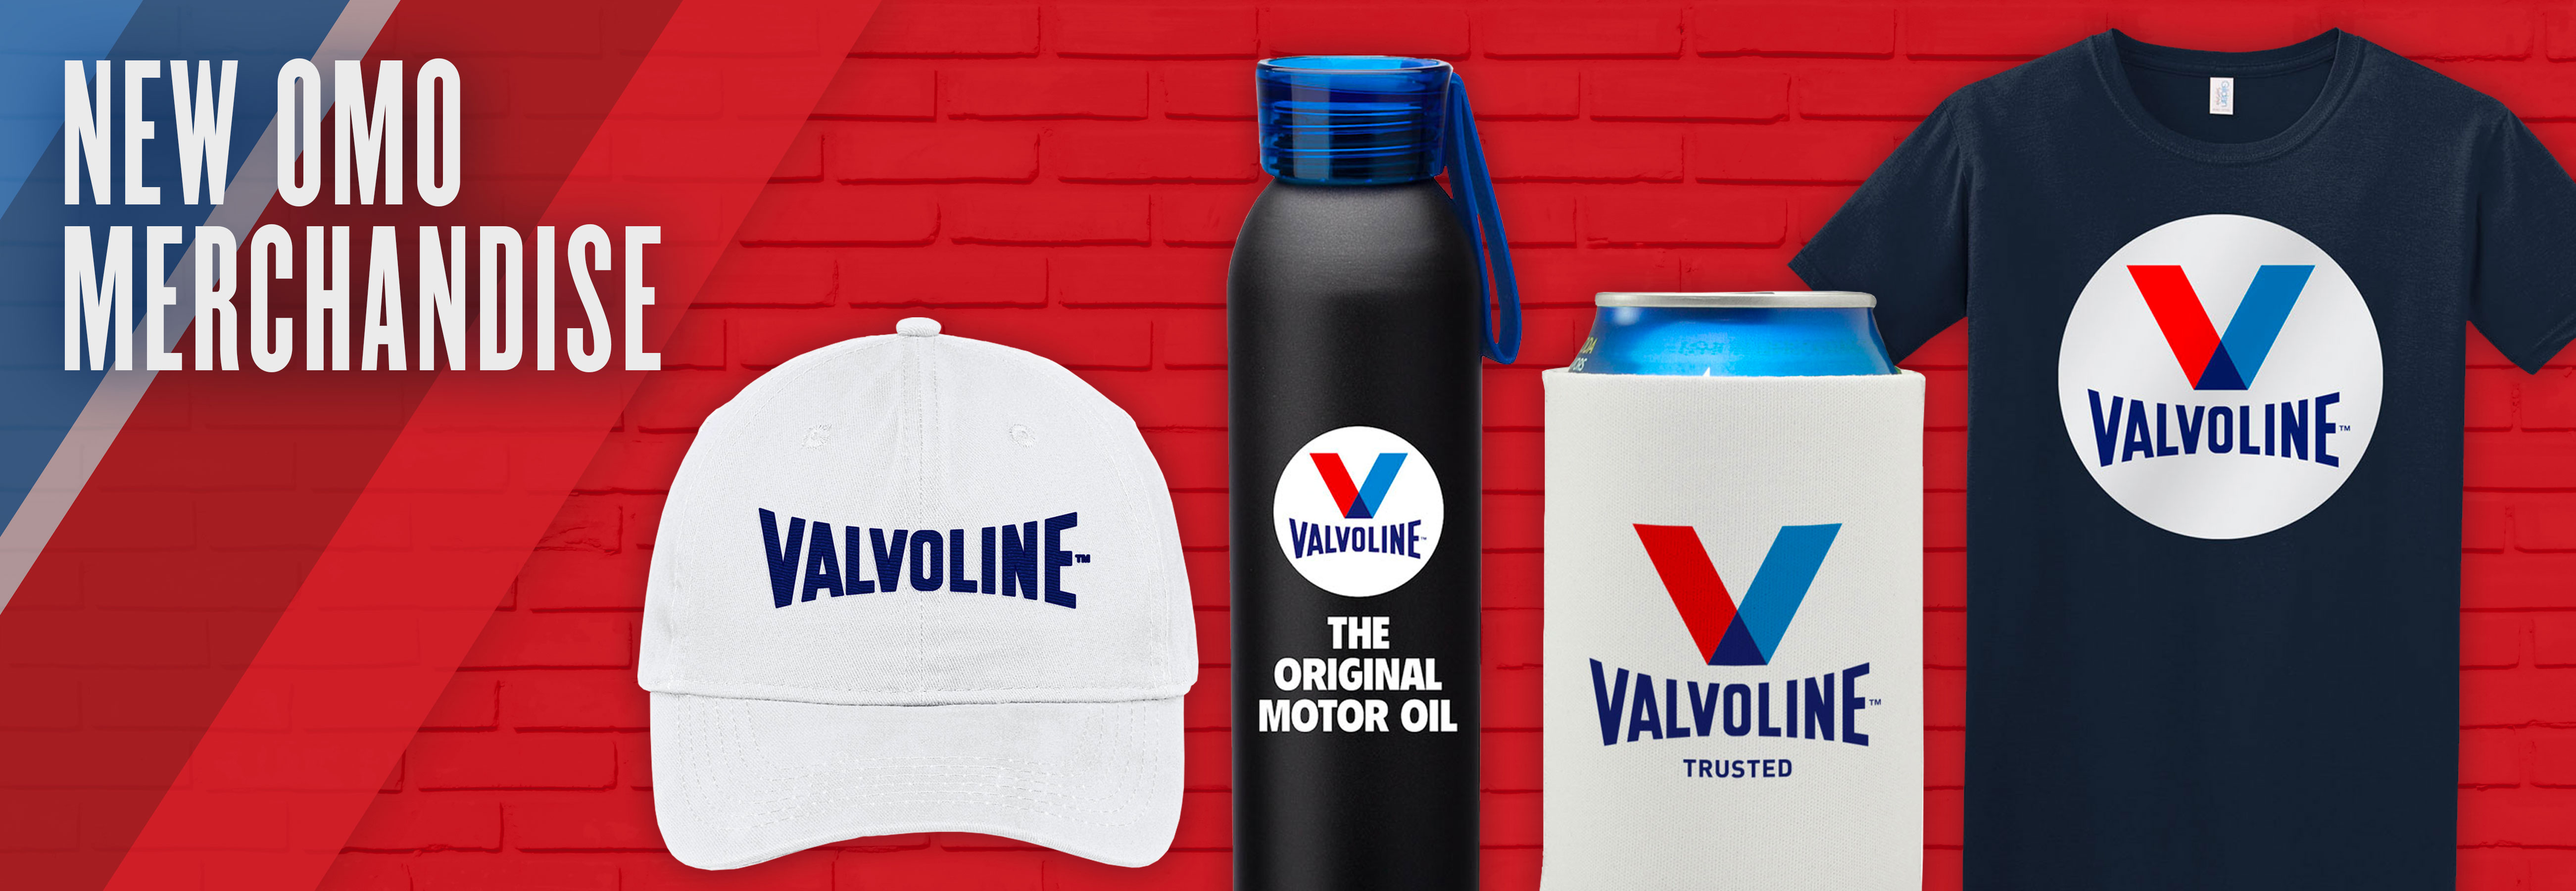 Shop Valvoline